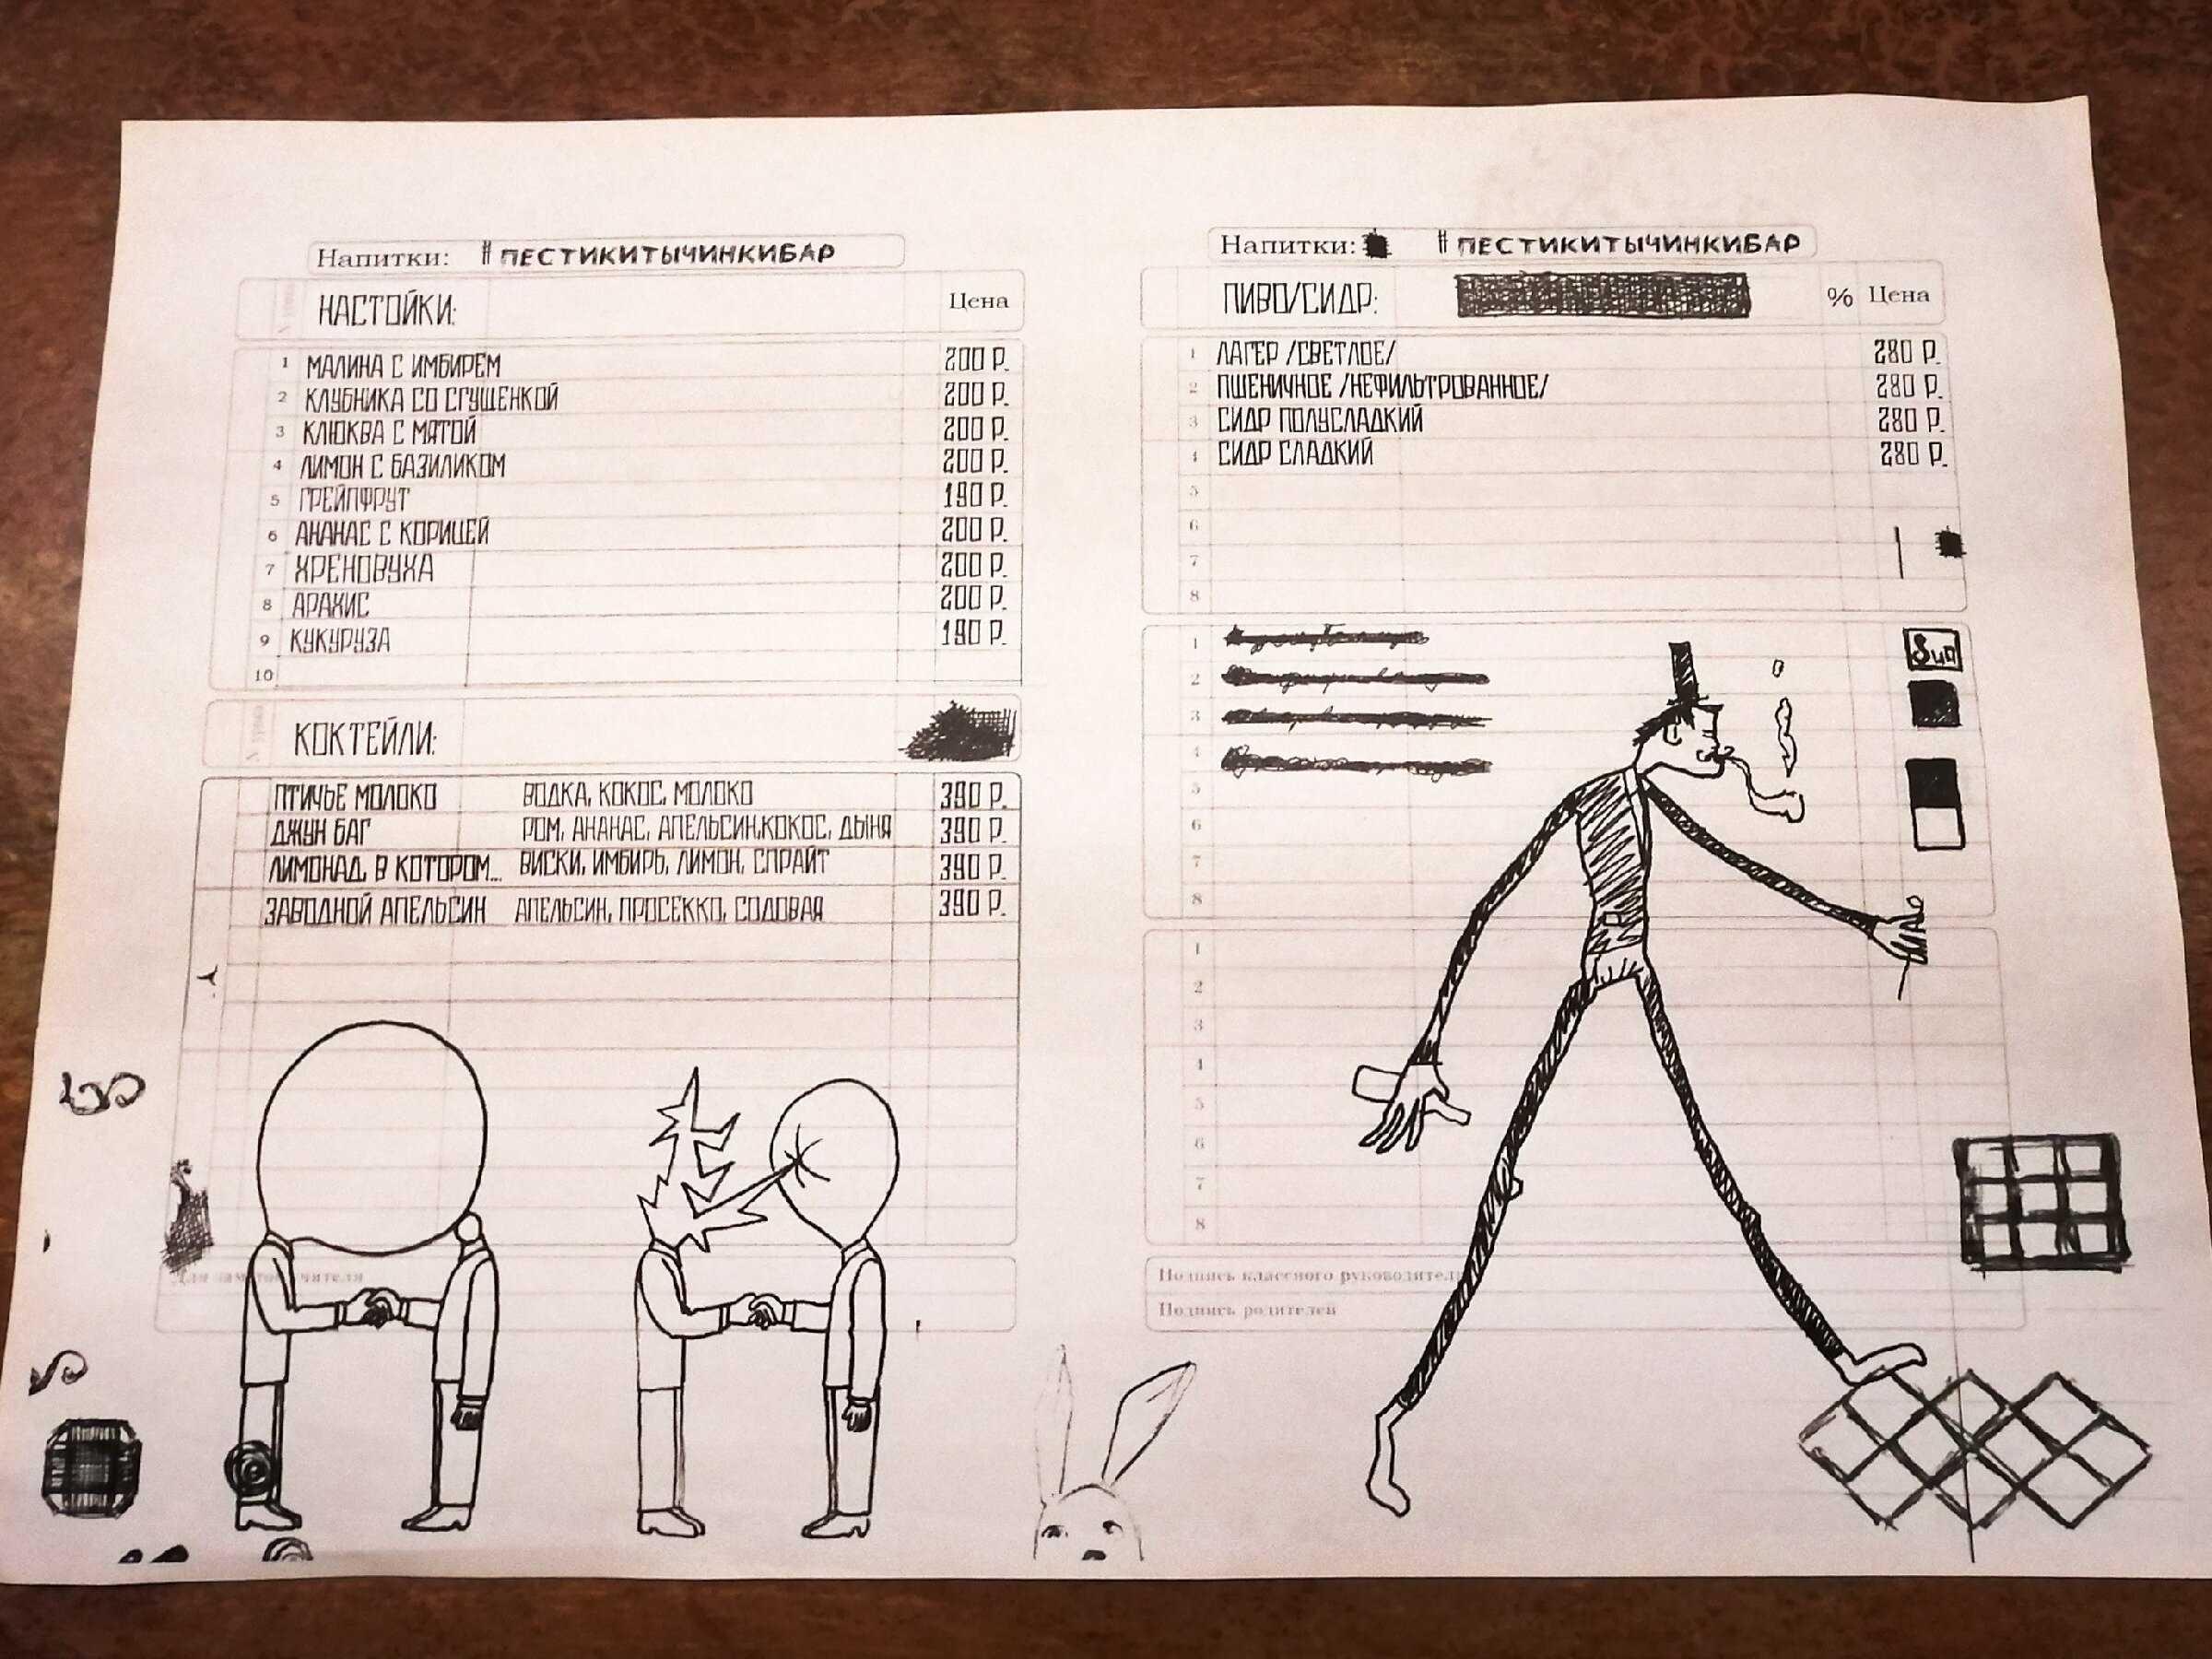 Пестики и тычинки бар москва меню и цены костюм принца из золушки